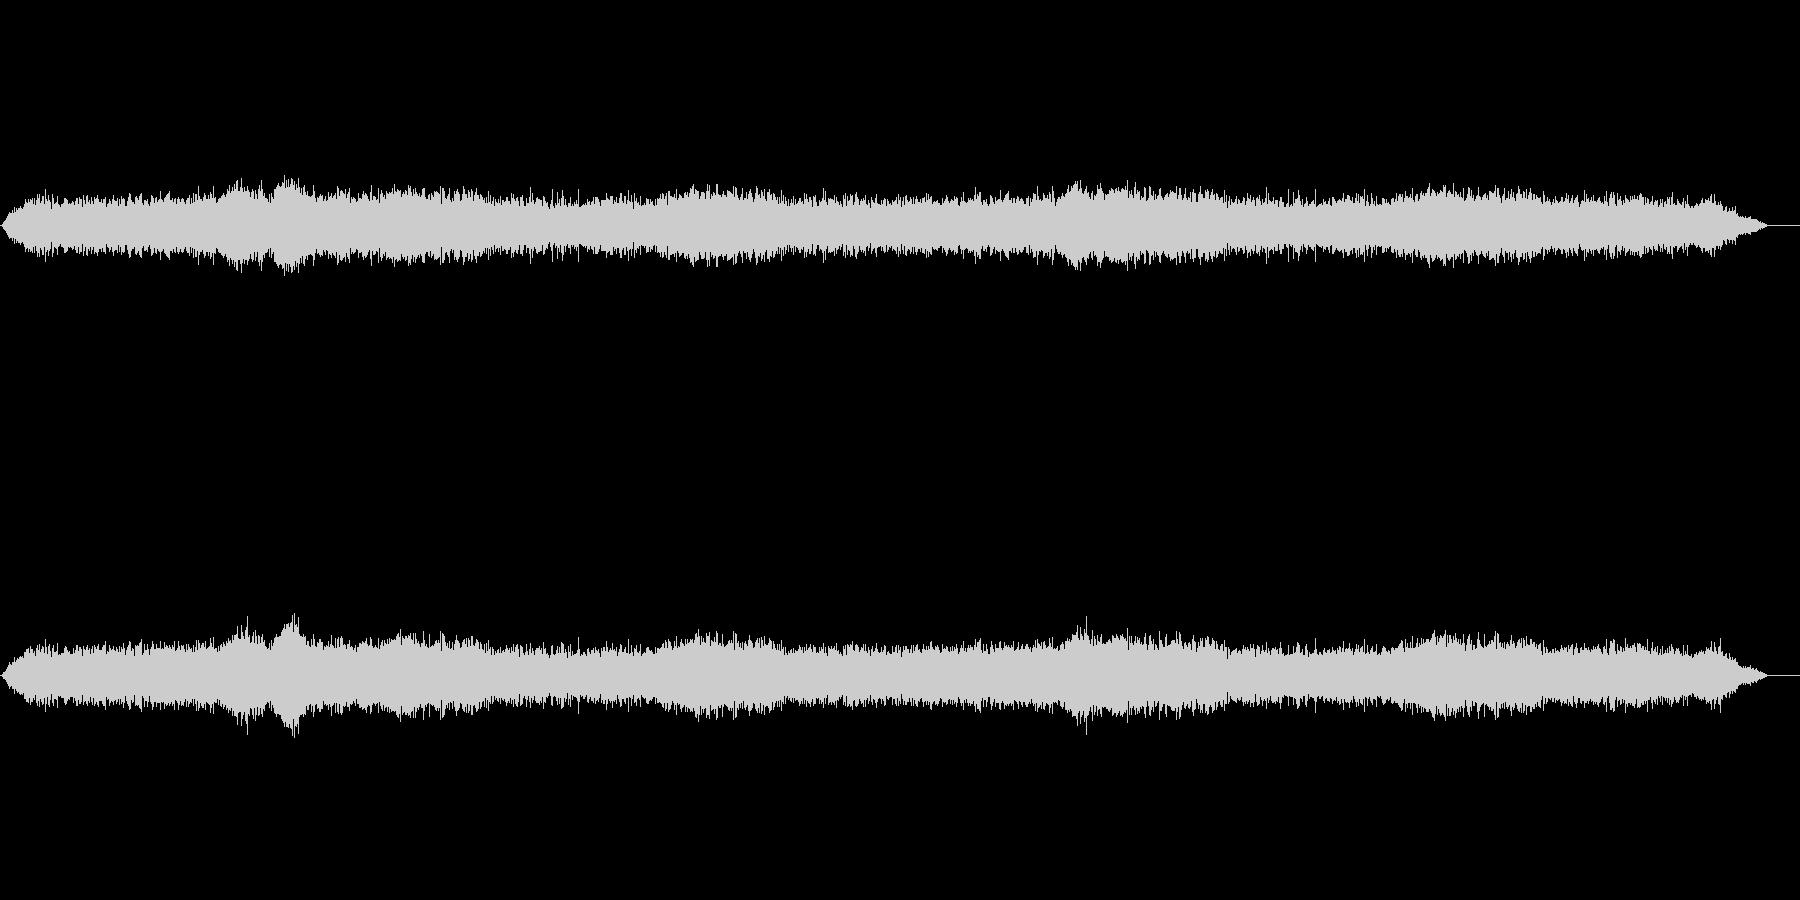 【雑踏 街頭02-1】の未再生の波形